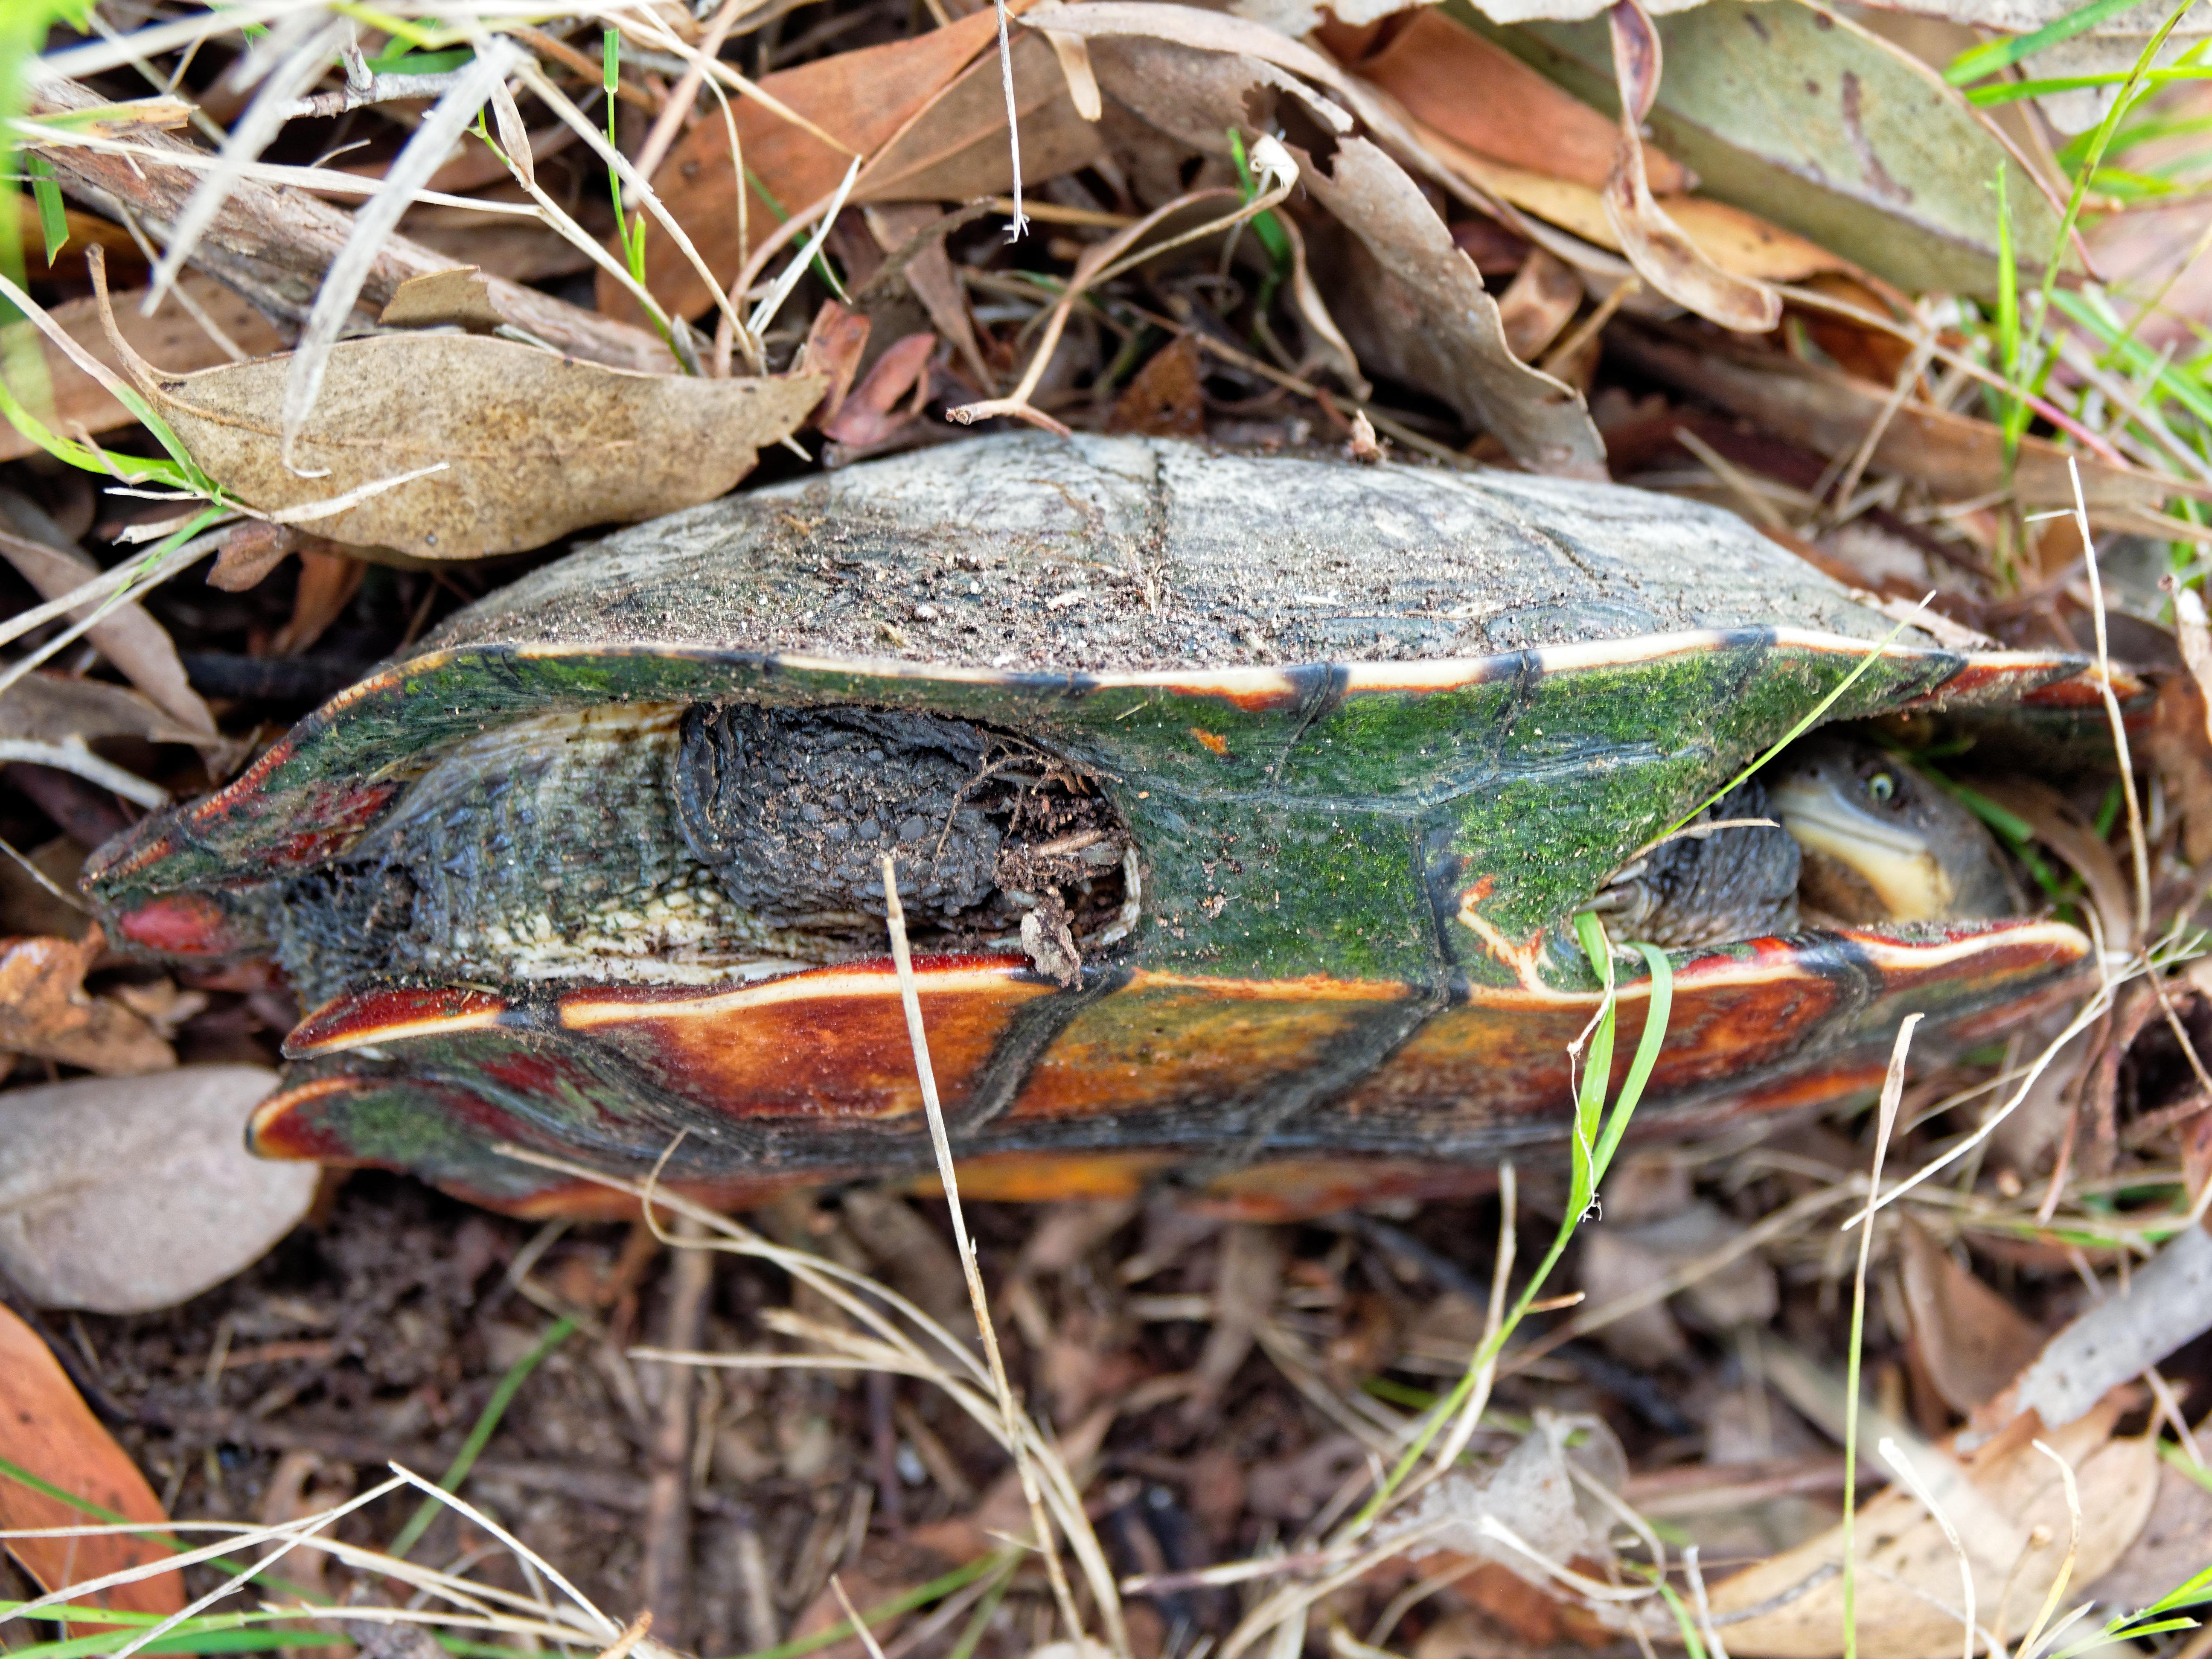 Tortoise-1.jpeg